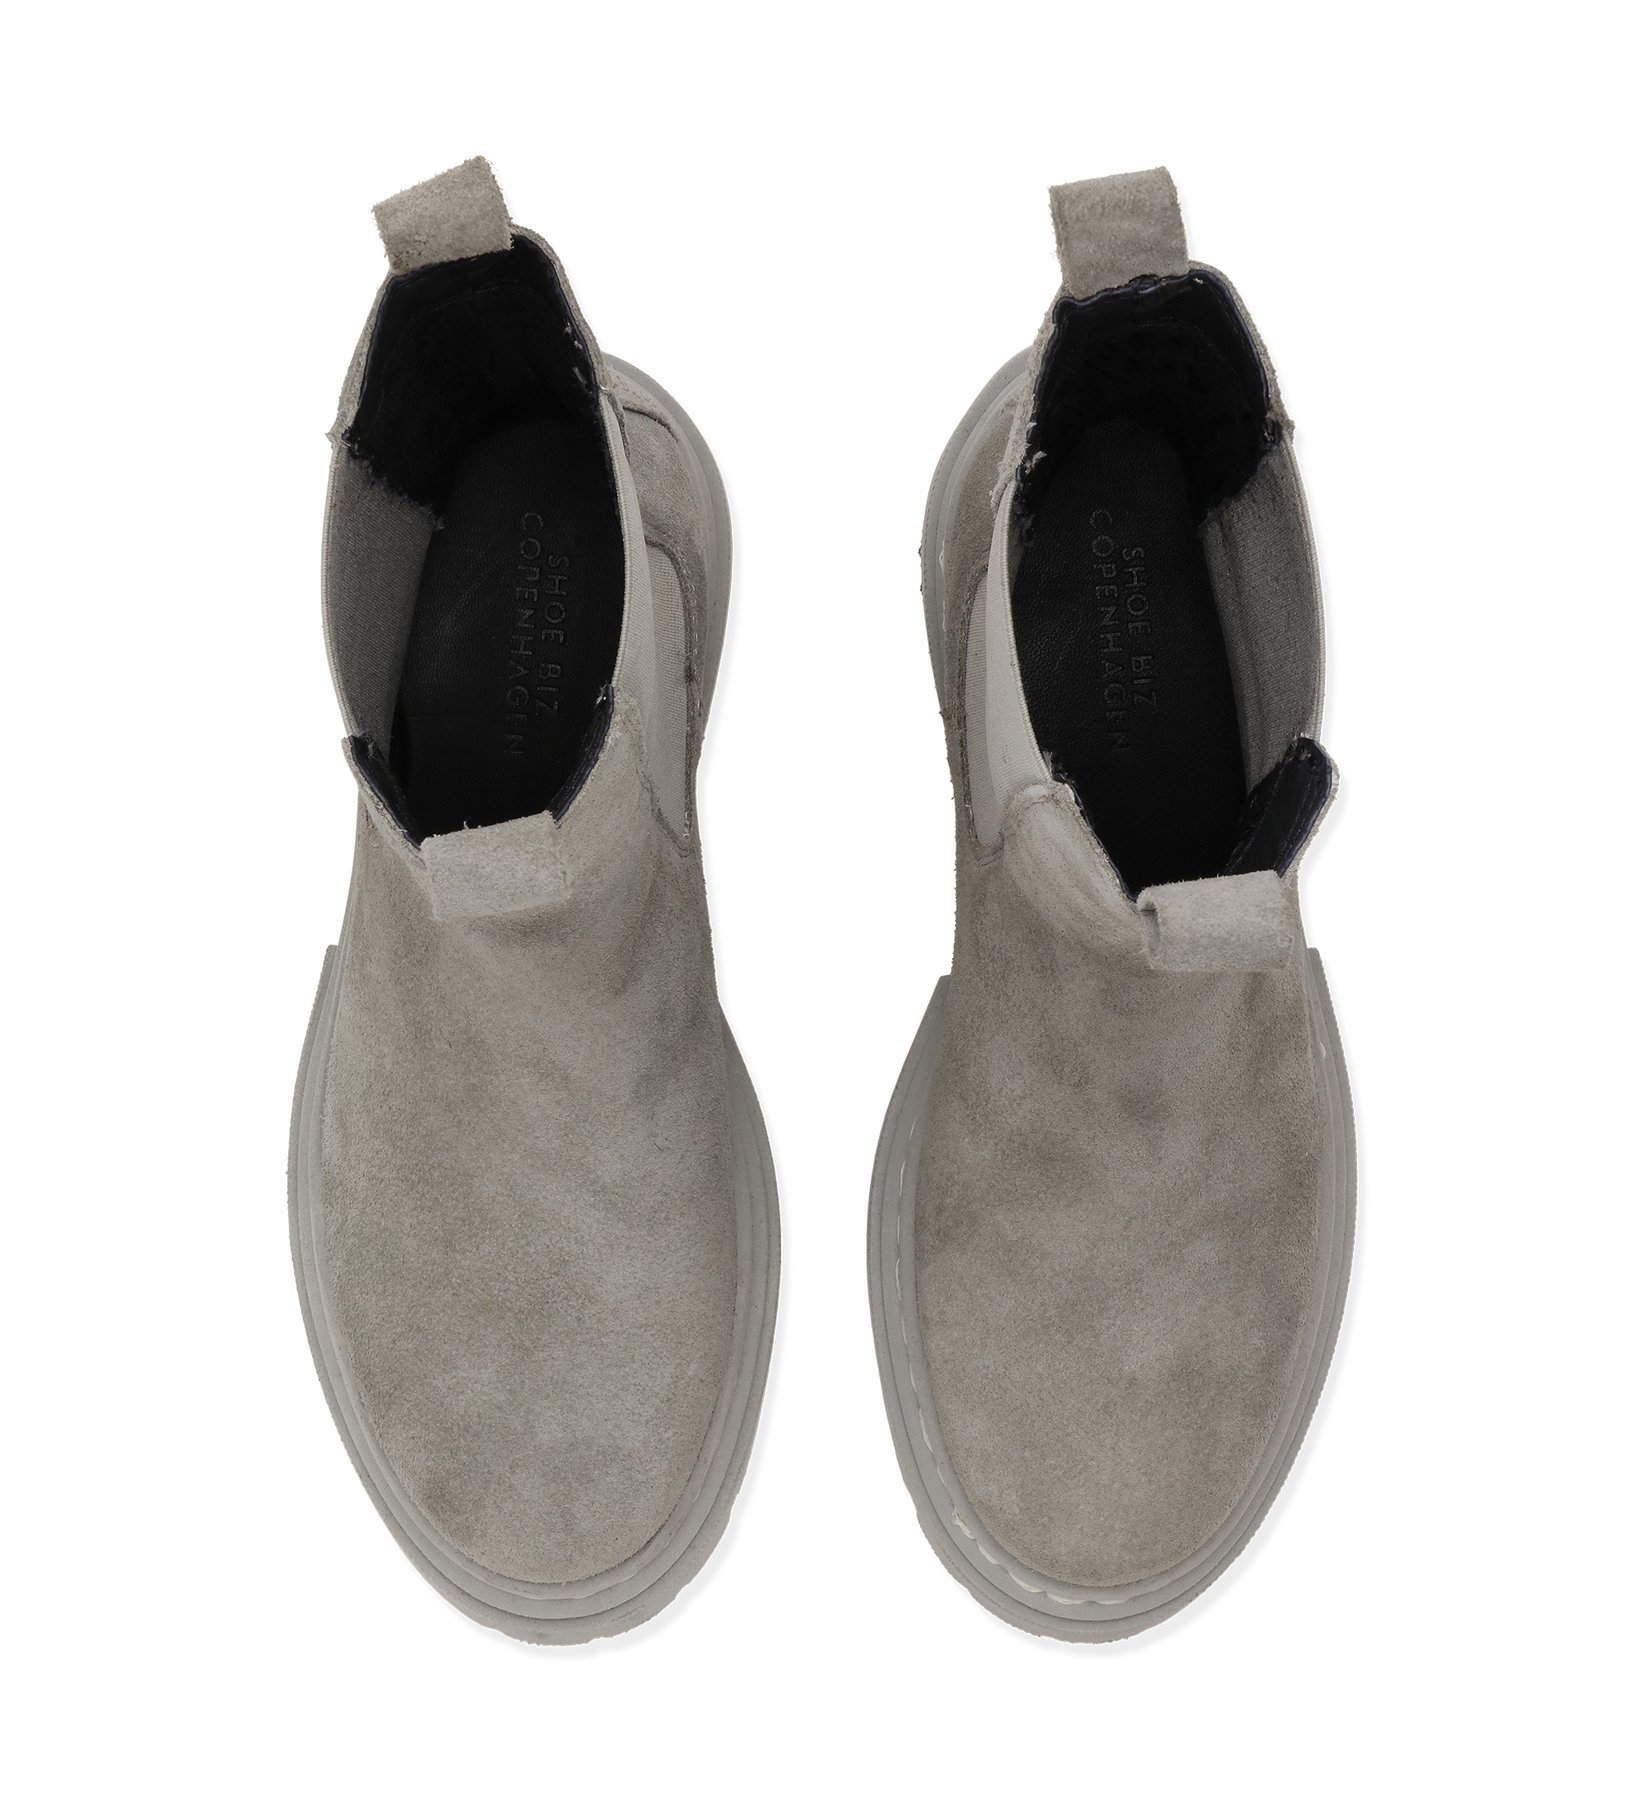 """Boots """"Dusty grey"""" from Shoe biz Copenhagen"""